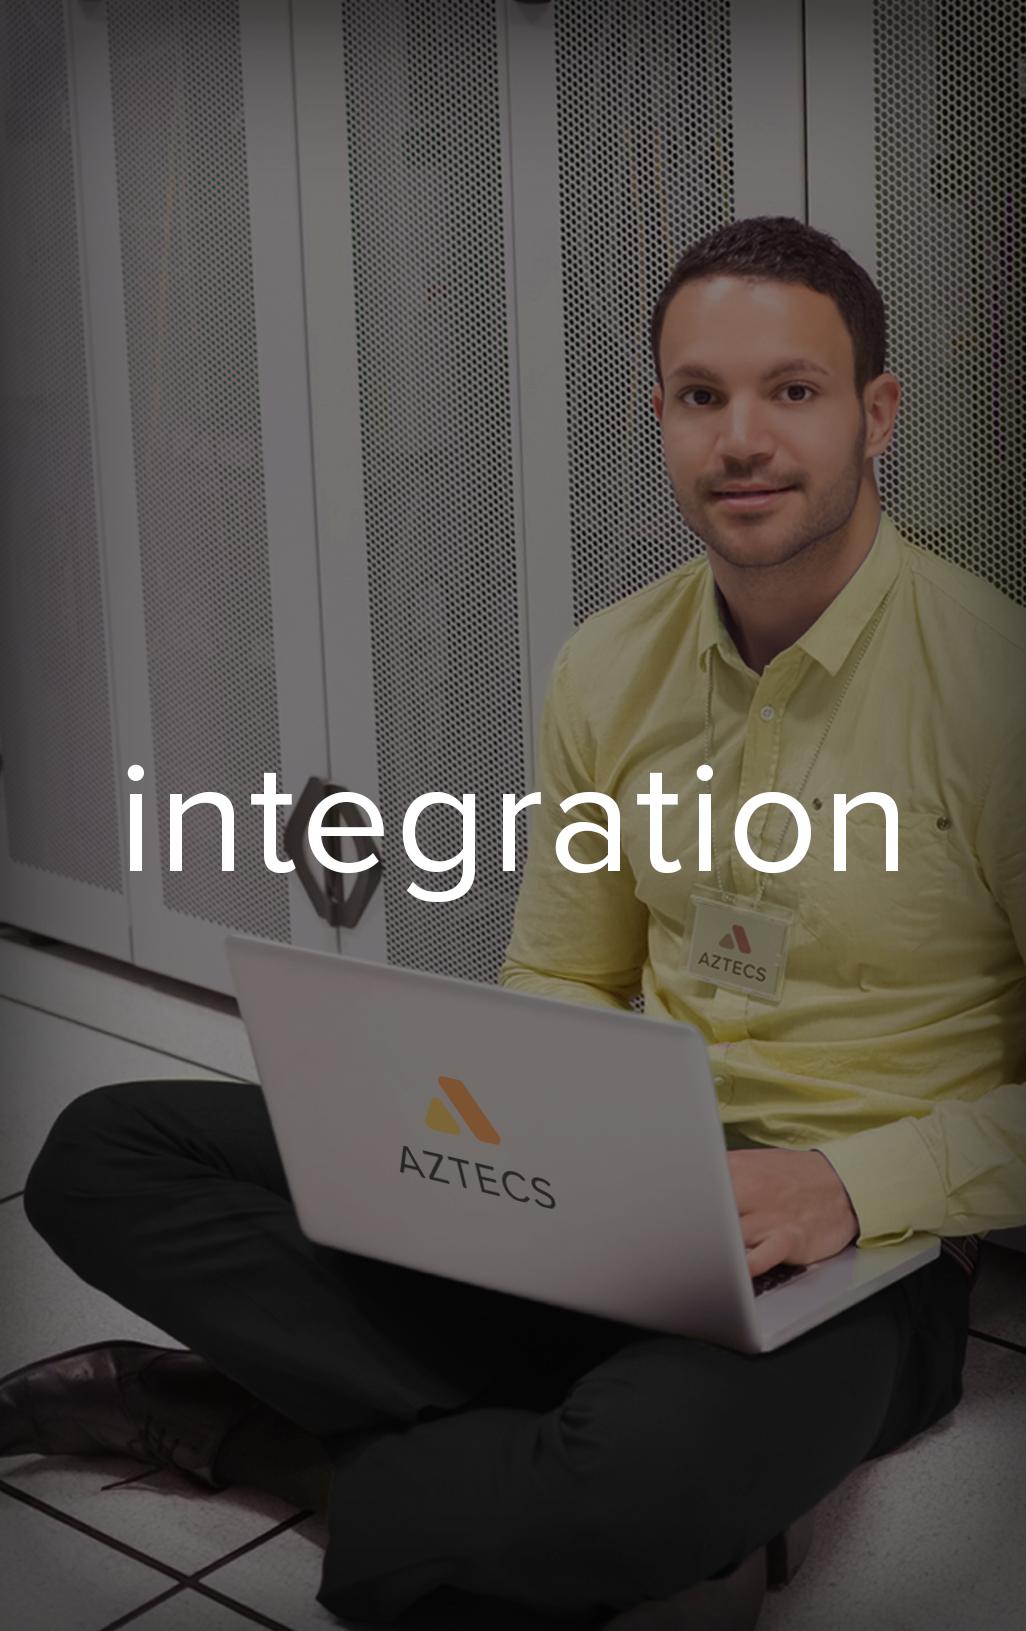 aztecs_network_integration.png